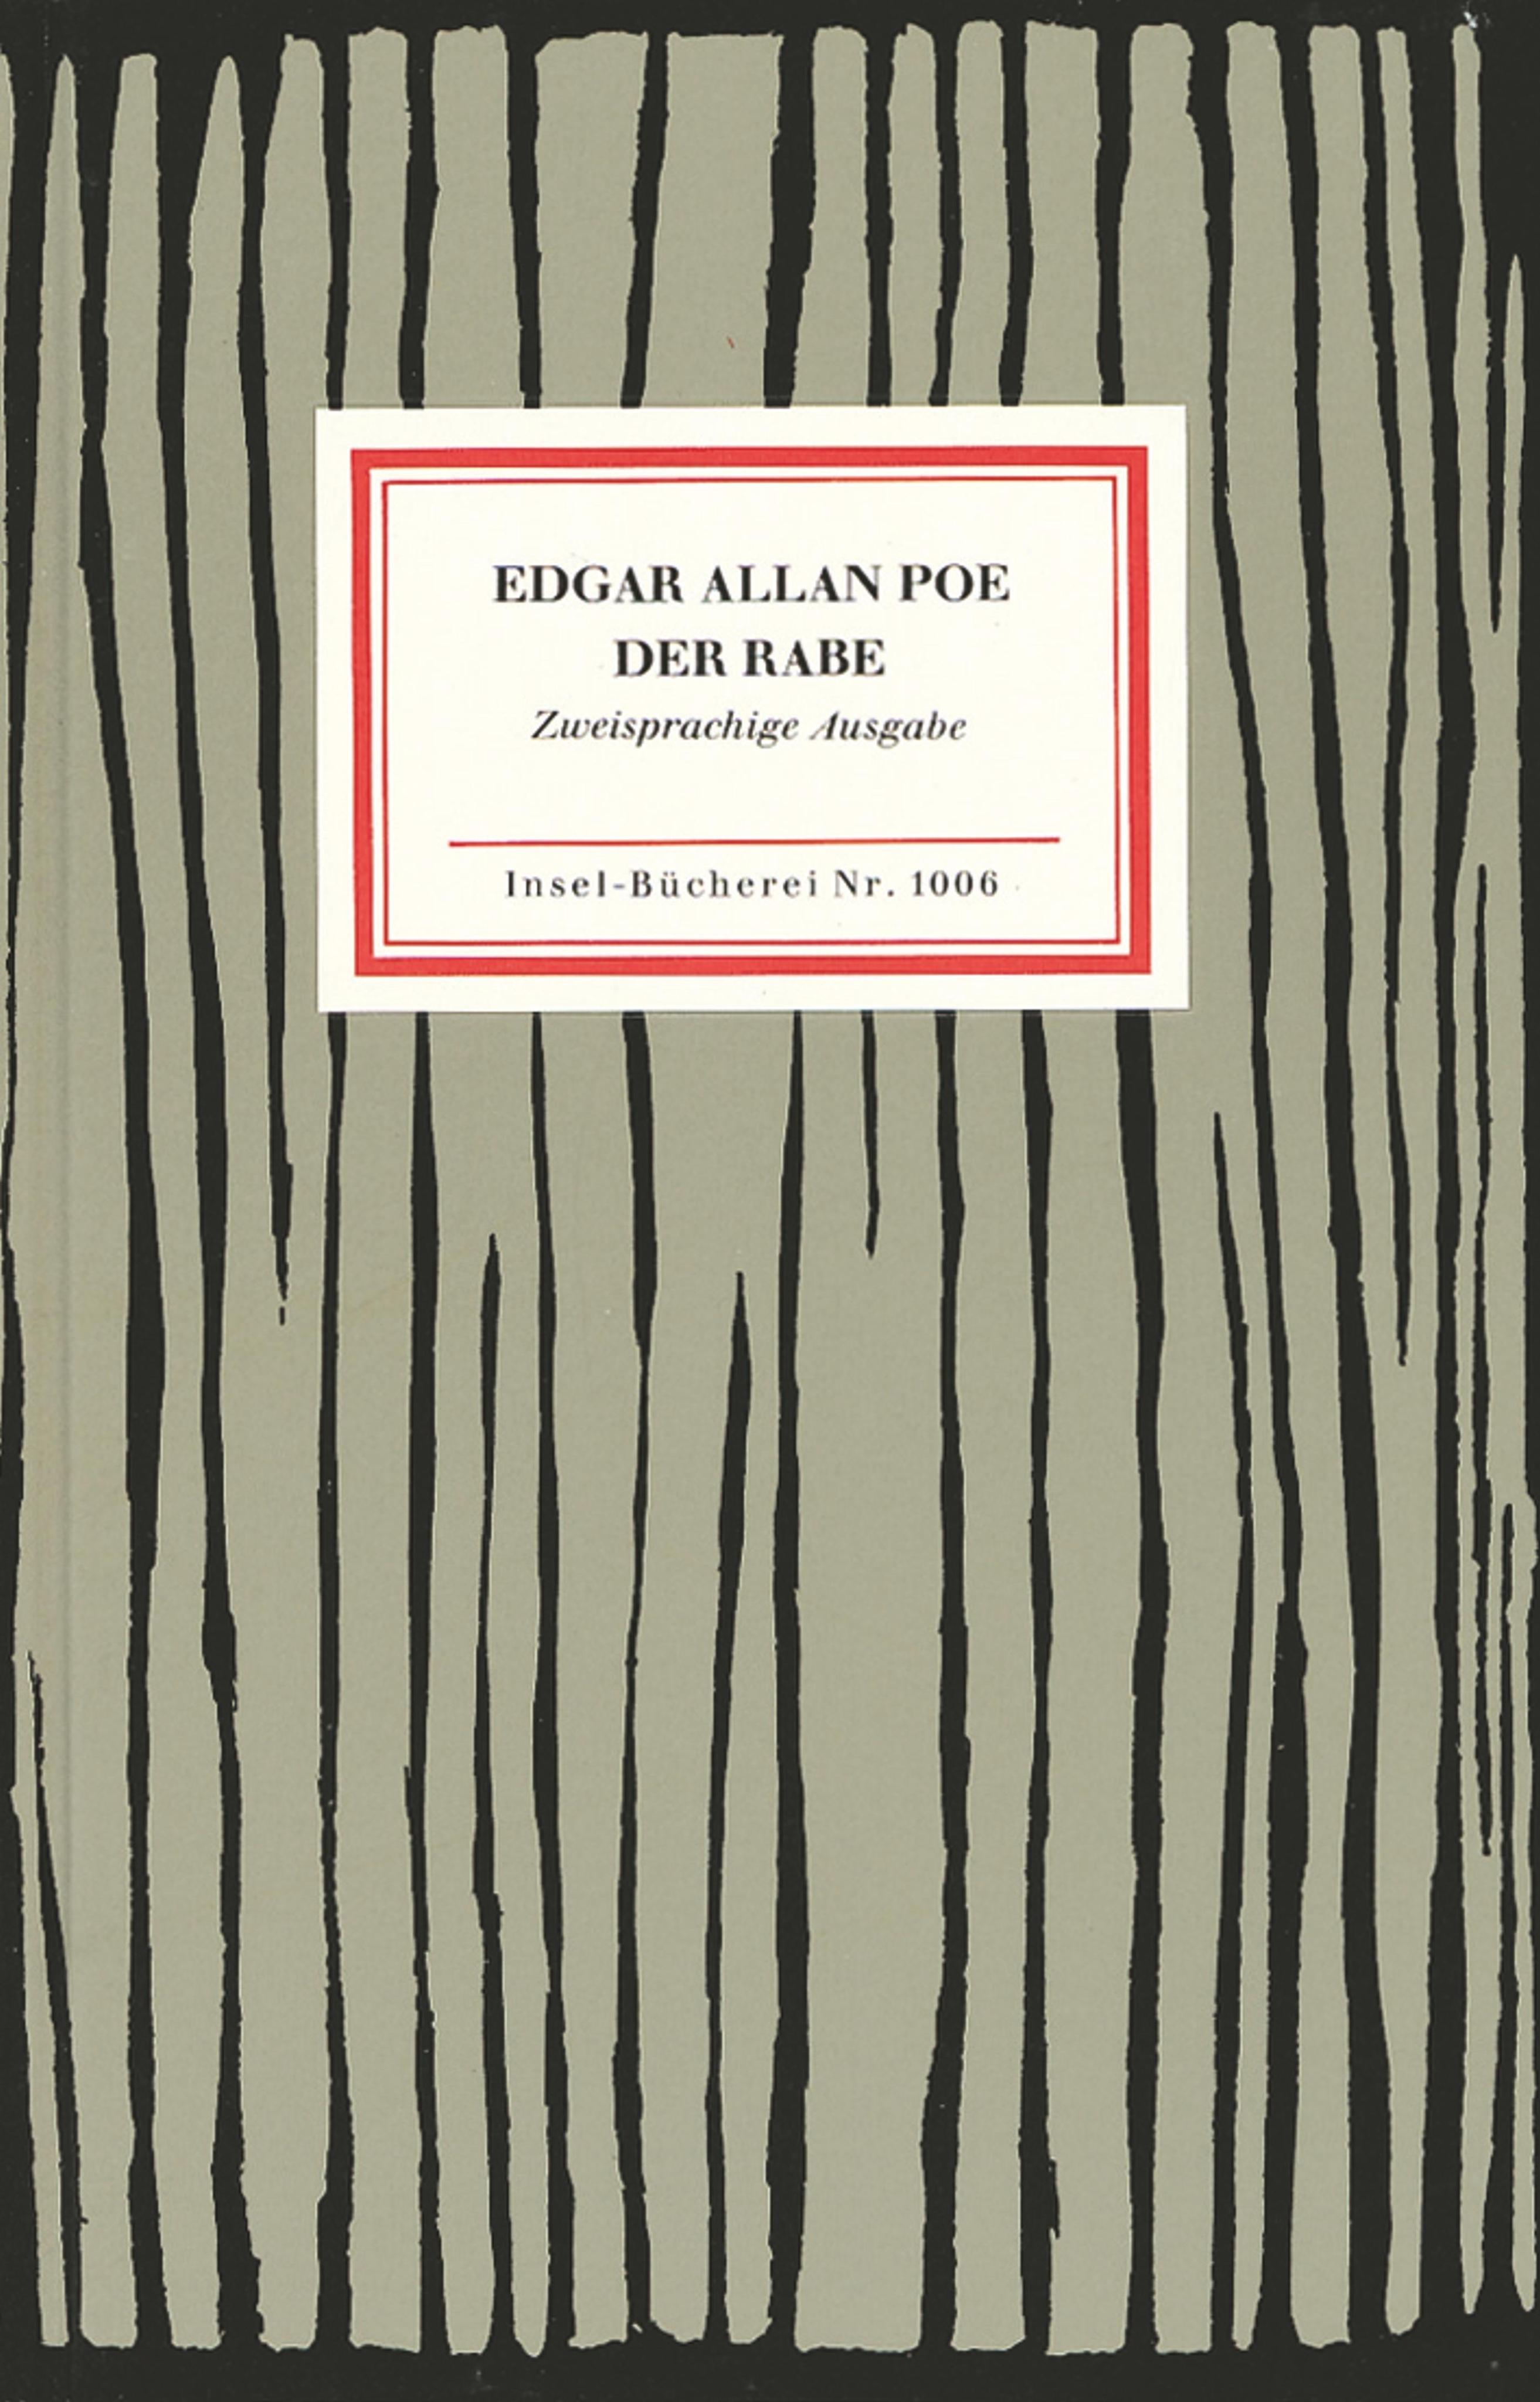 NEU Der Rabe Edgar Allan Poe 190066